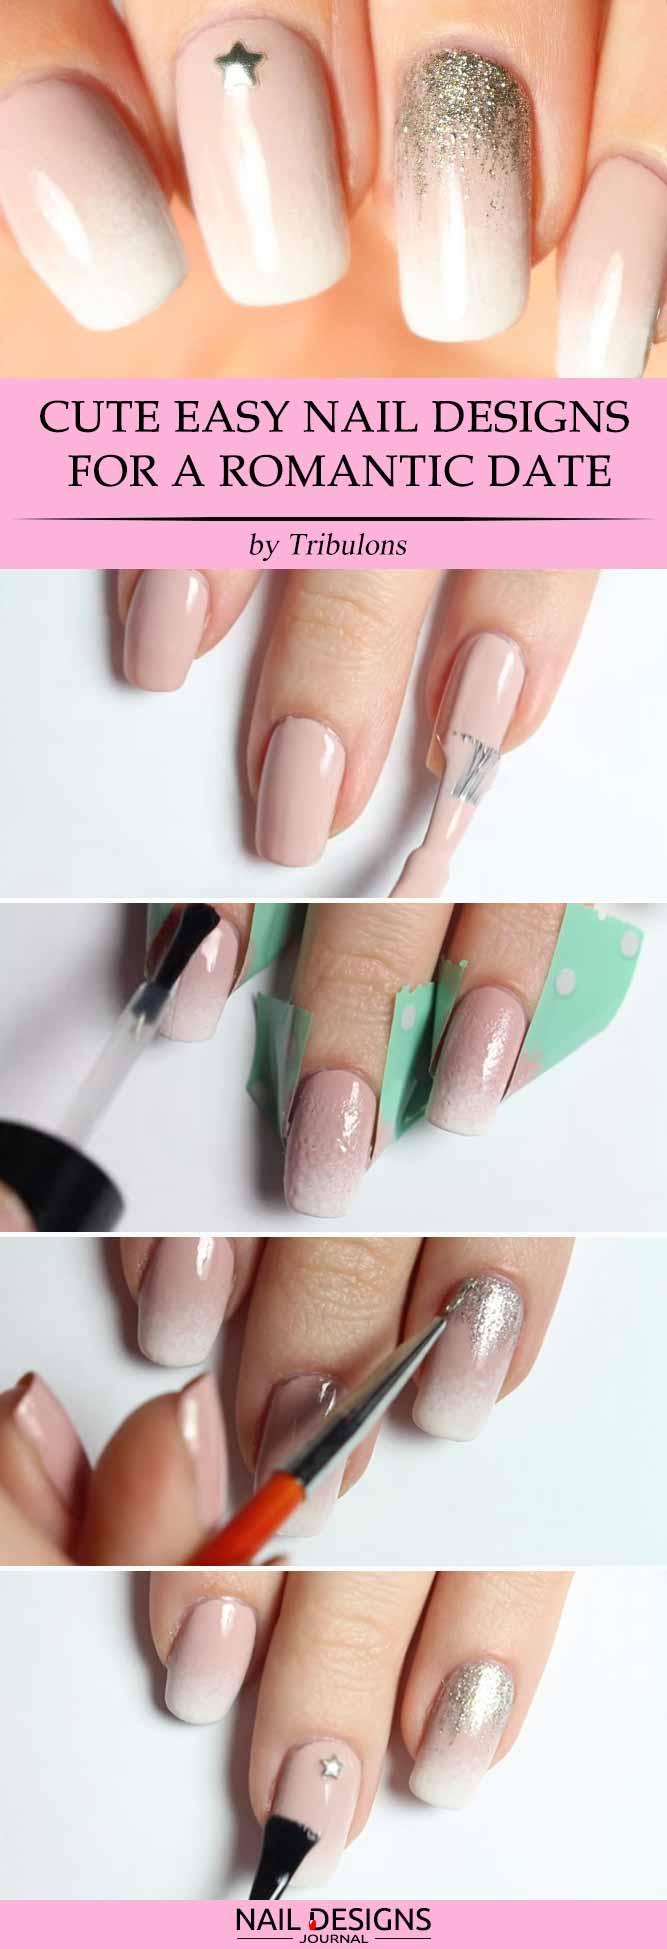 diy-nails-easy-designs-romantic-look